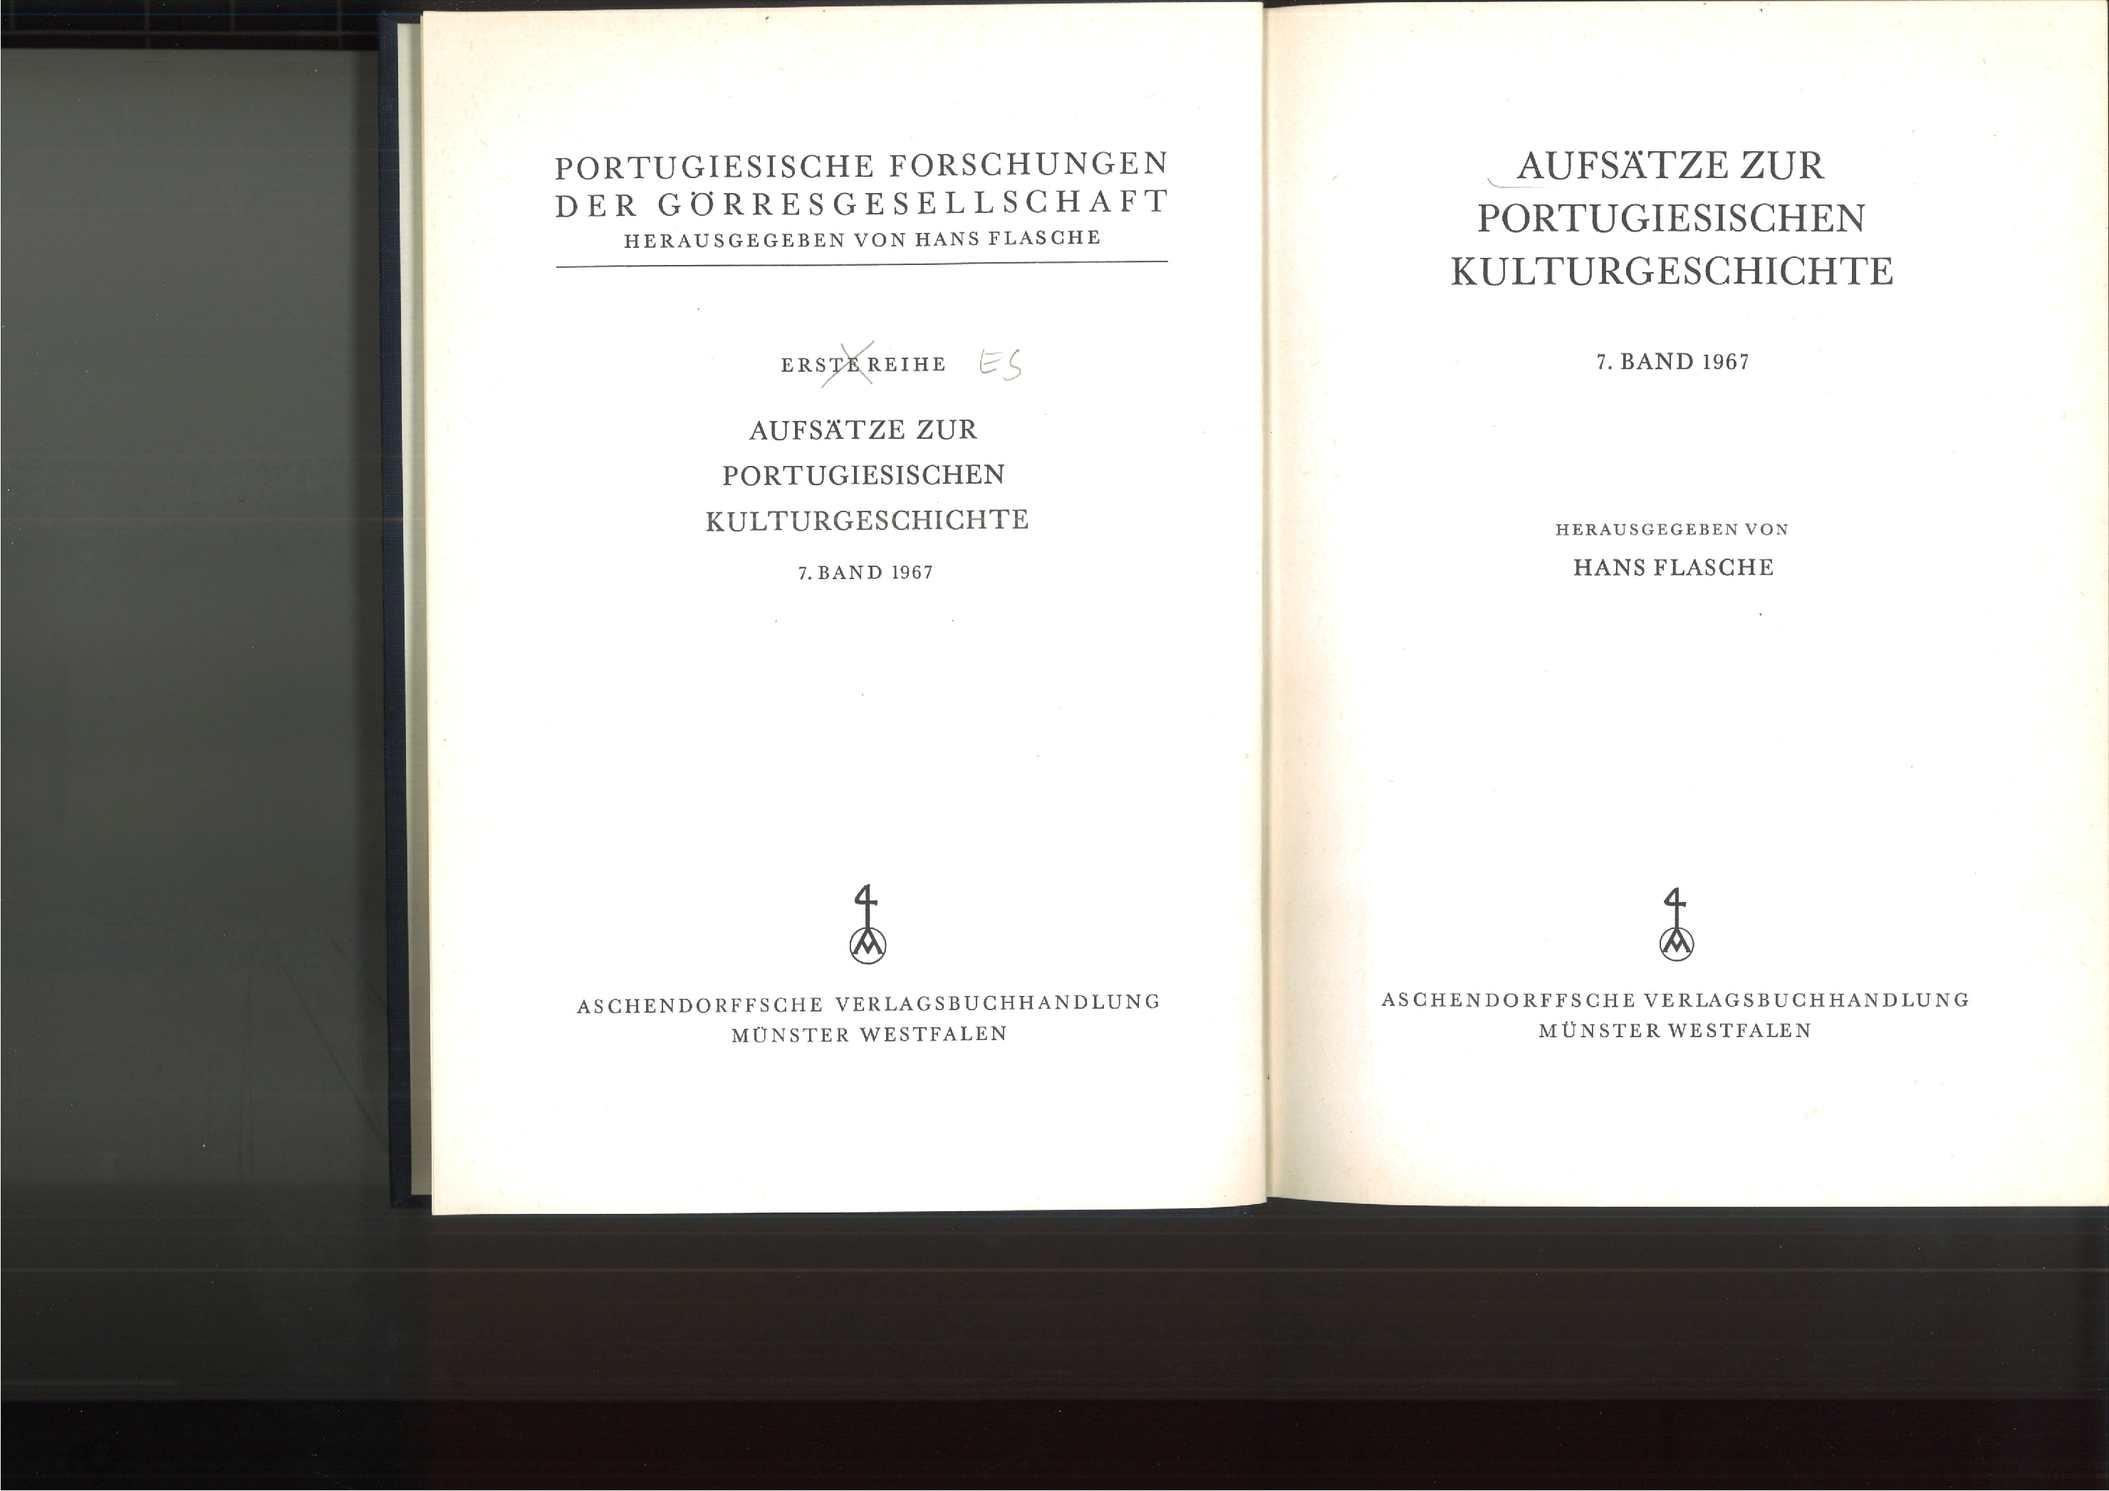 """Josef Wicki, """"Liste der Jesuiten-Indienfahrer 1541-1758"""", Aufsätze zur Portugiesischen Kulturgeschichte, vol. 7 (1967)"""